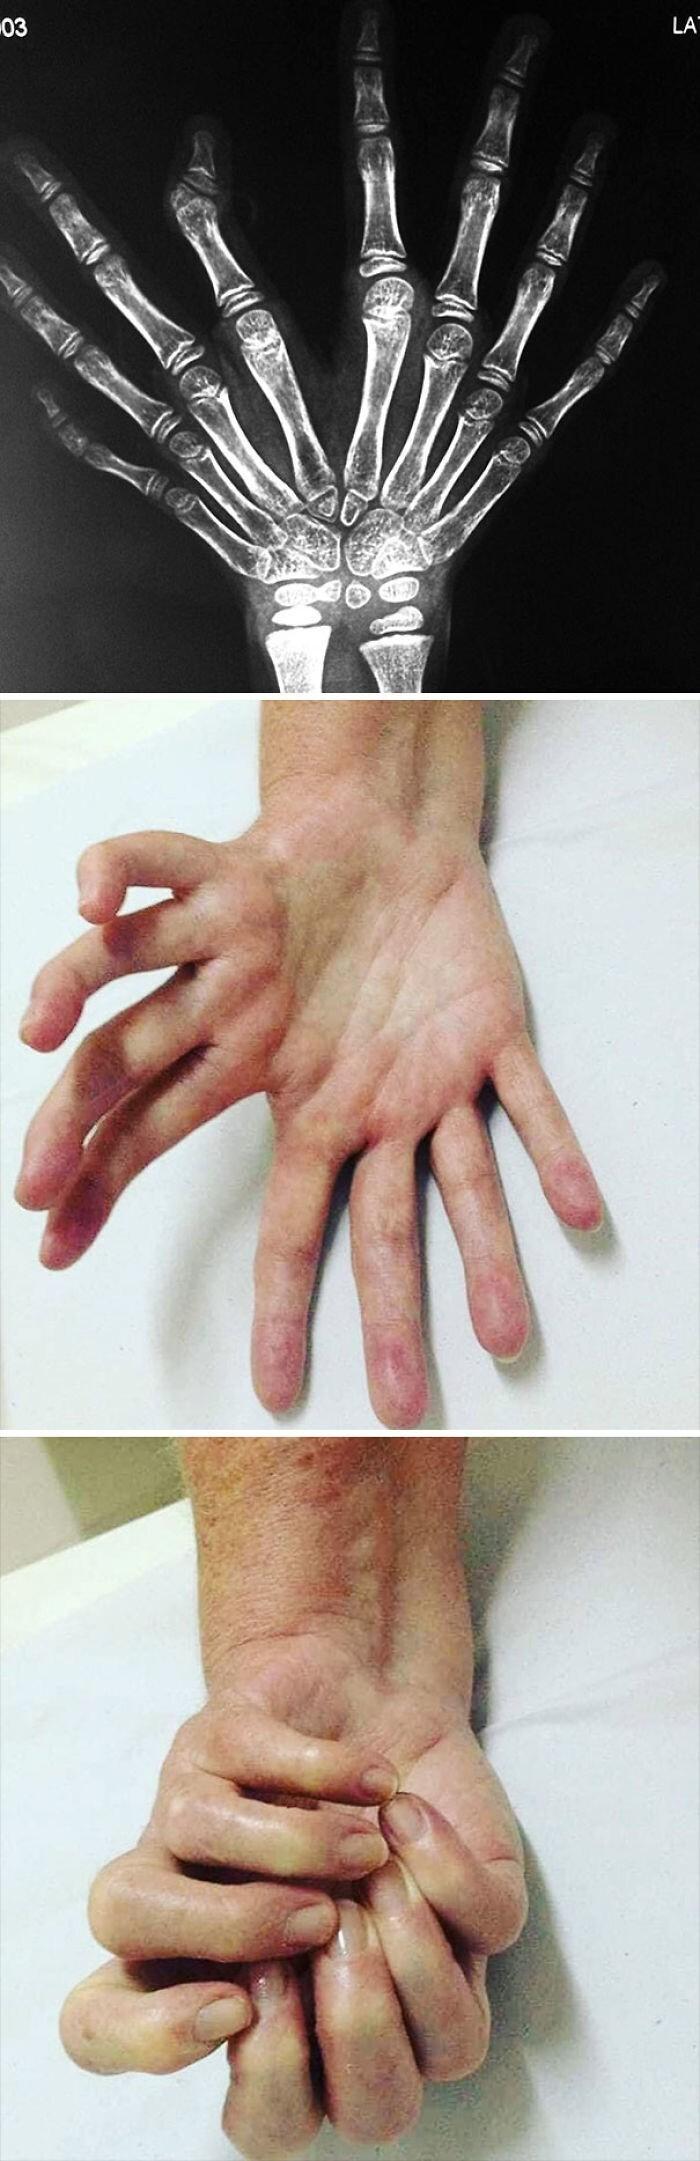 Ульнарная димелия или синдром зеркальной руки